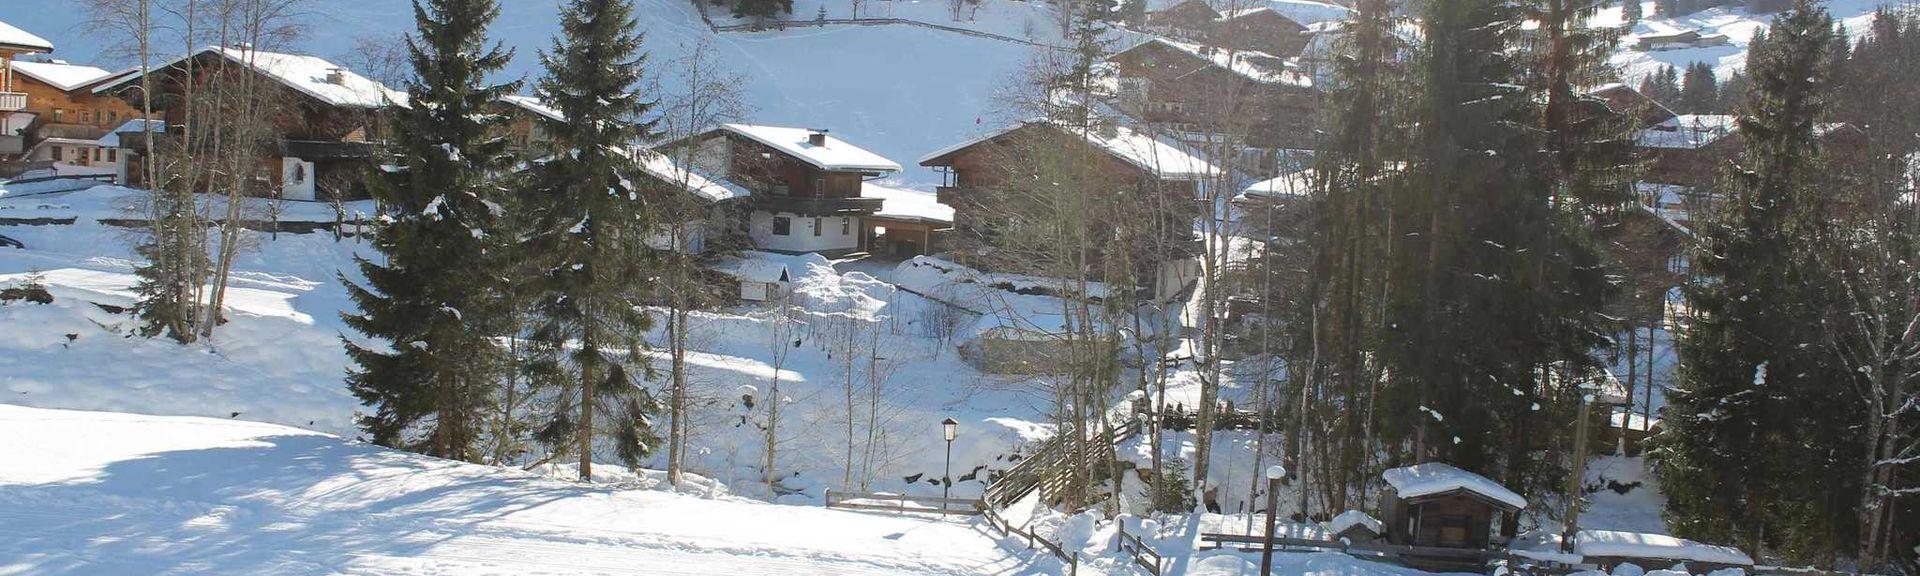 Eggalm Skiing, Tux, Tyrol, Austria